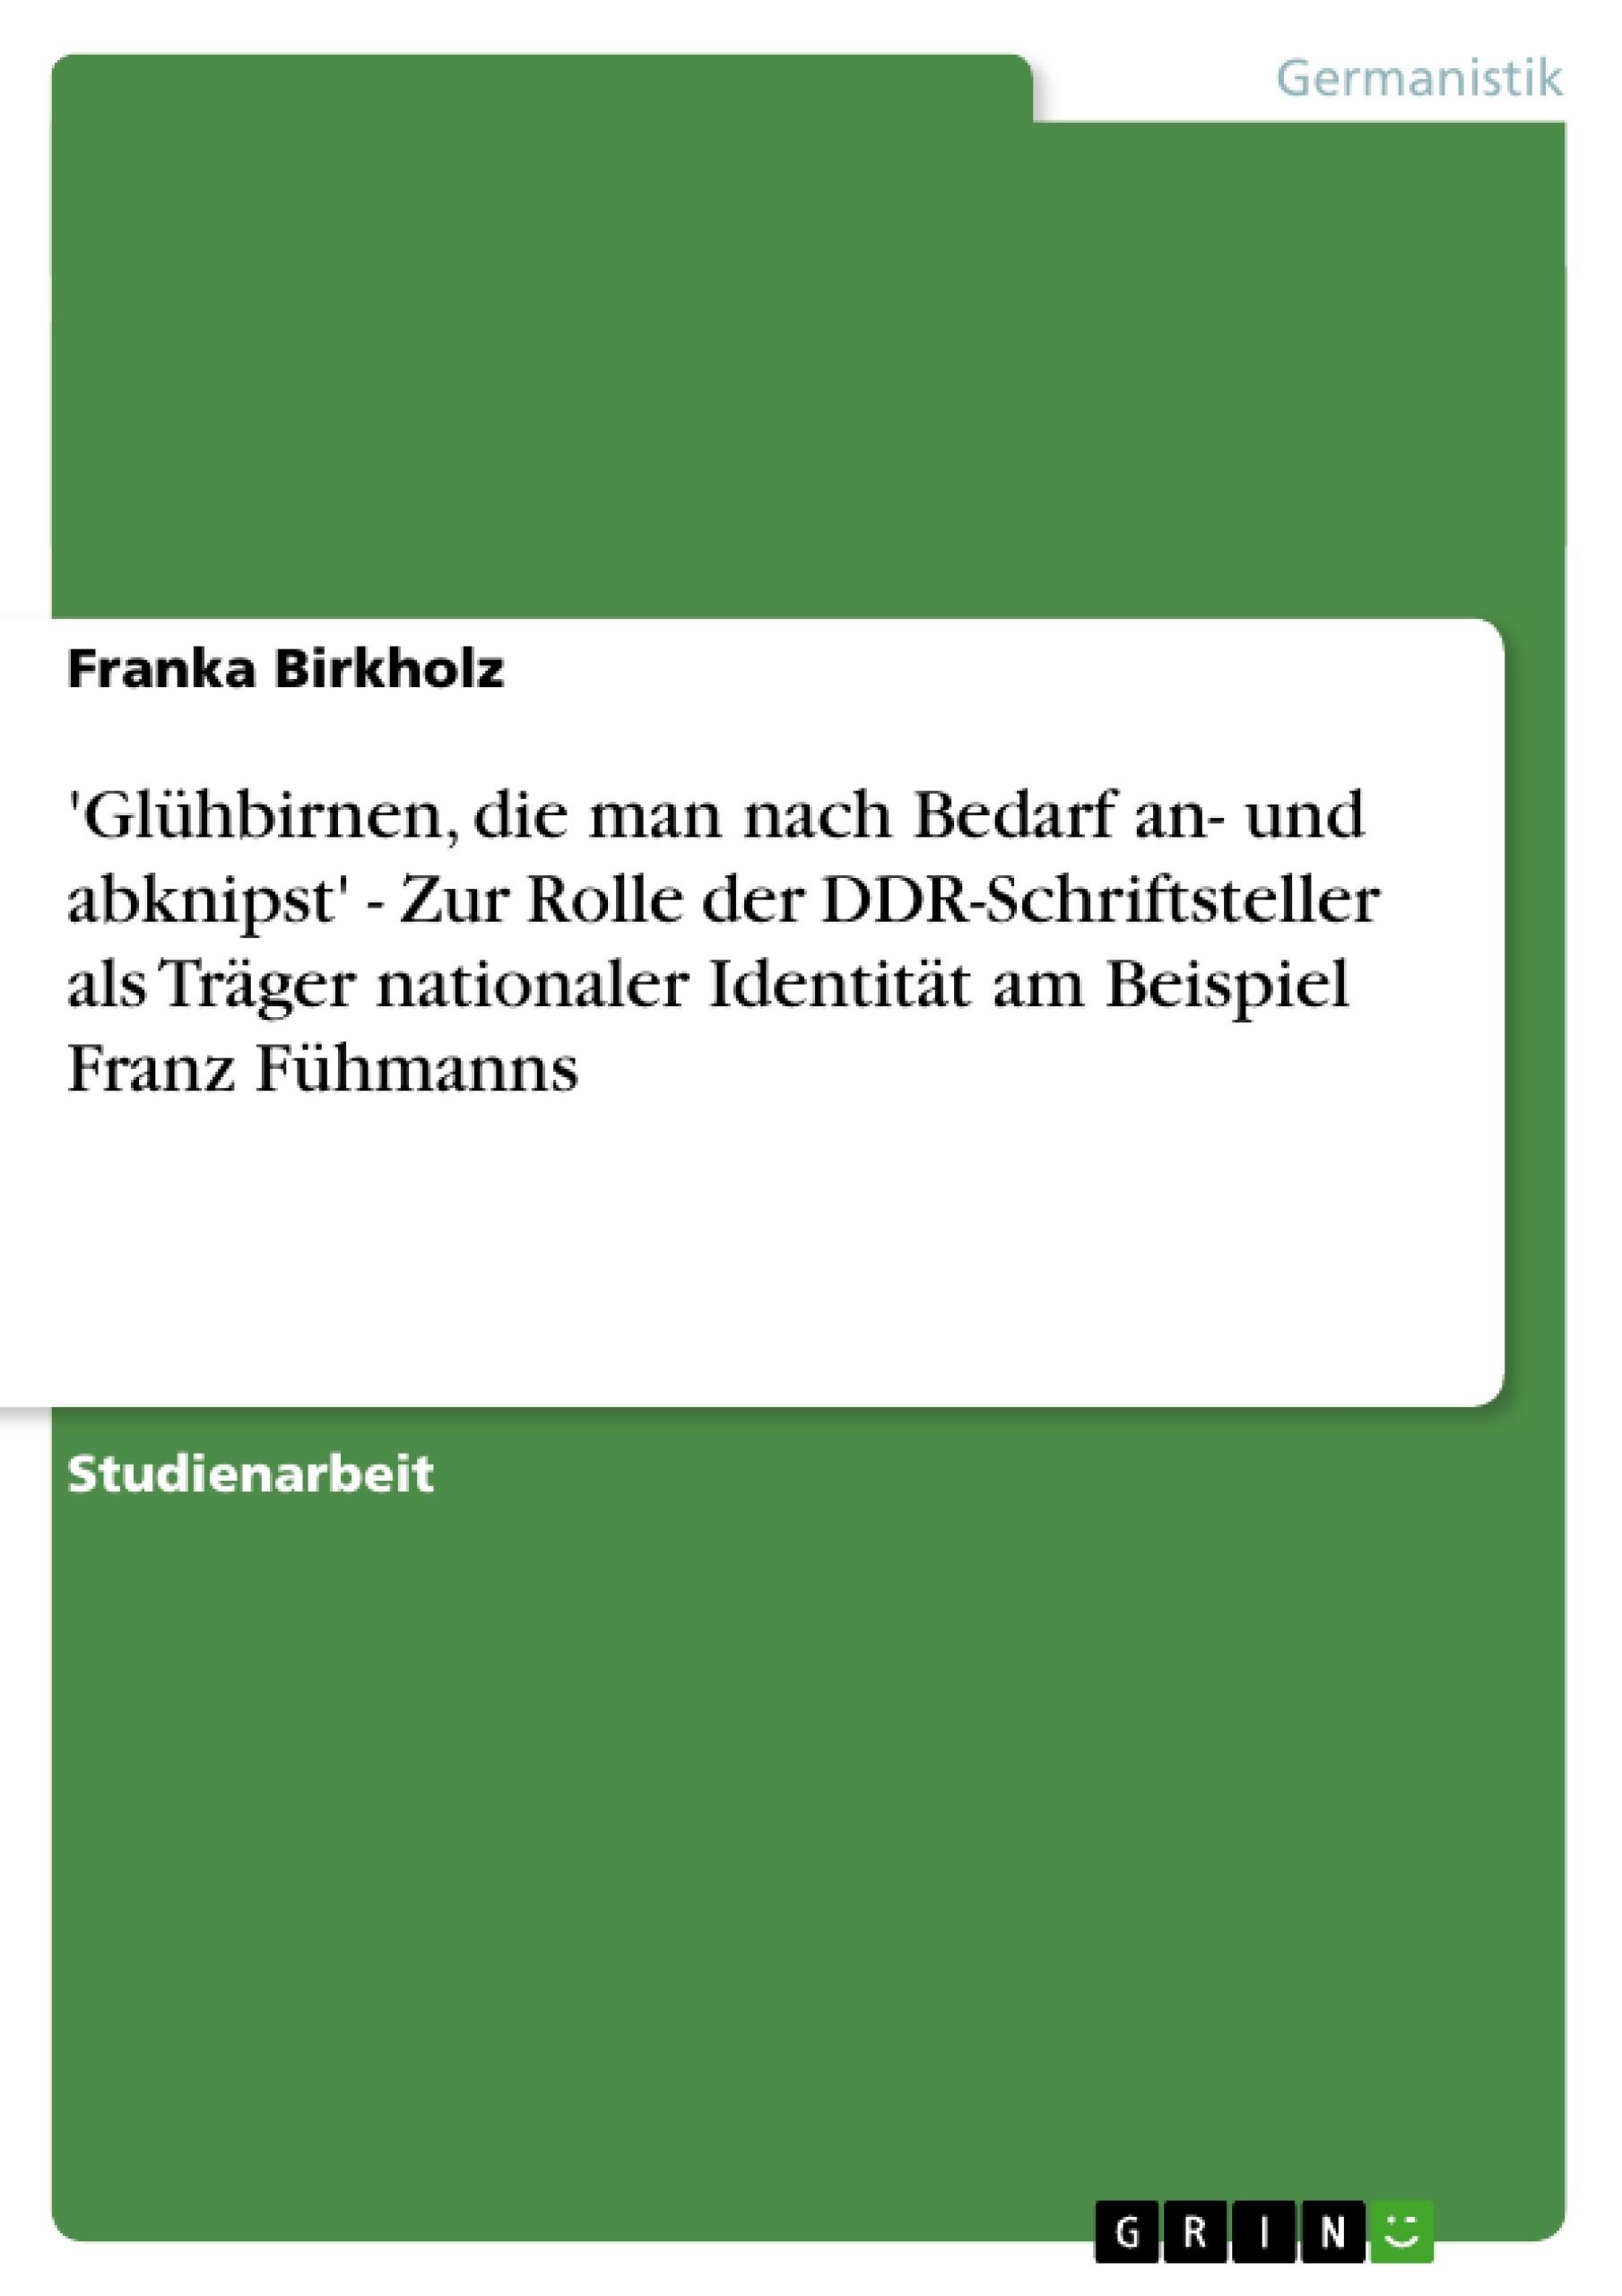 Titel: 'Glühbirnen, die man nach Bedarf an- und abknipst' - Zur Rolle der DDR-Schriftsteller als Träger nationaler Identität am Beispiel Franz Fühmanns